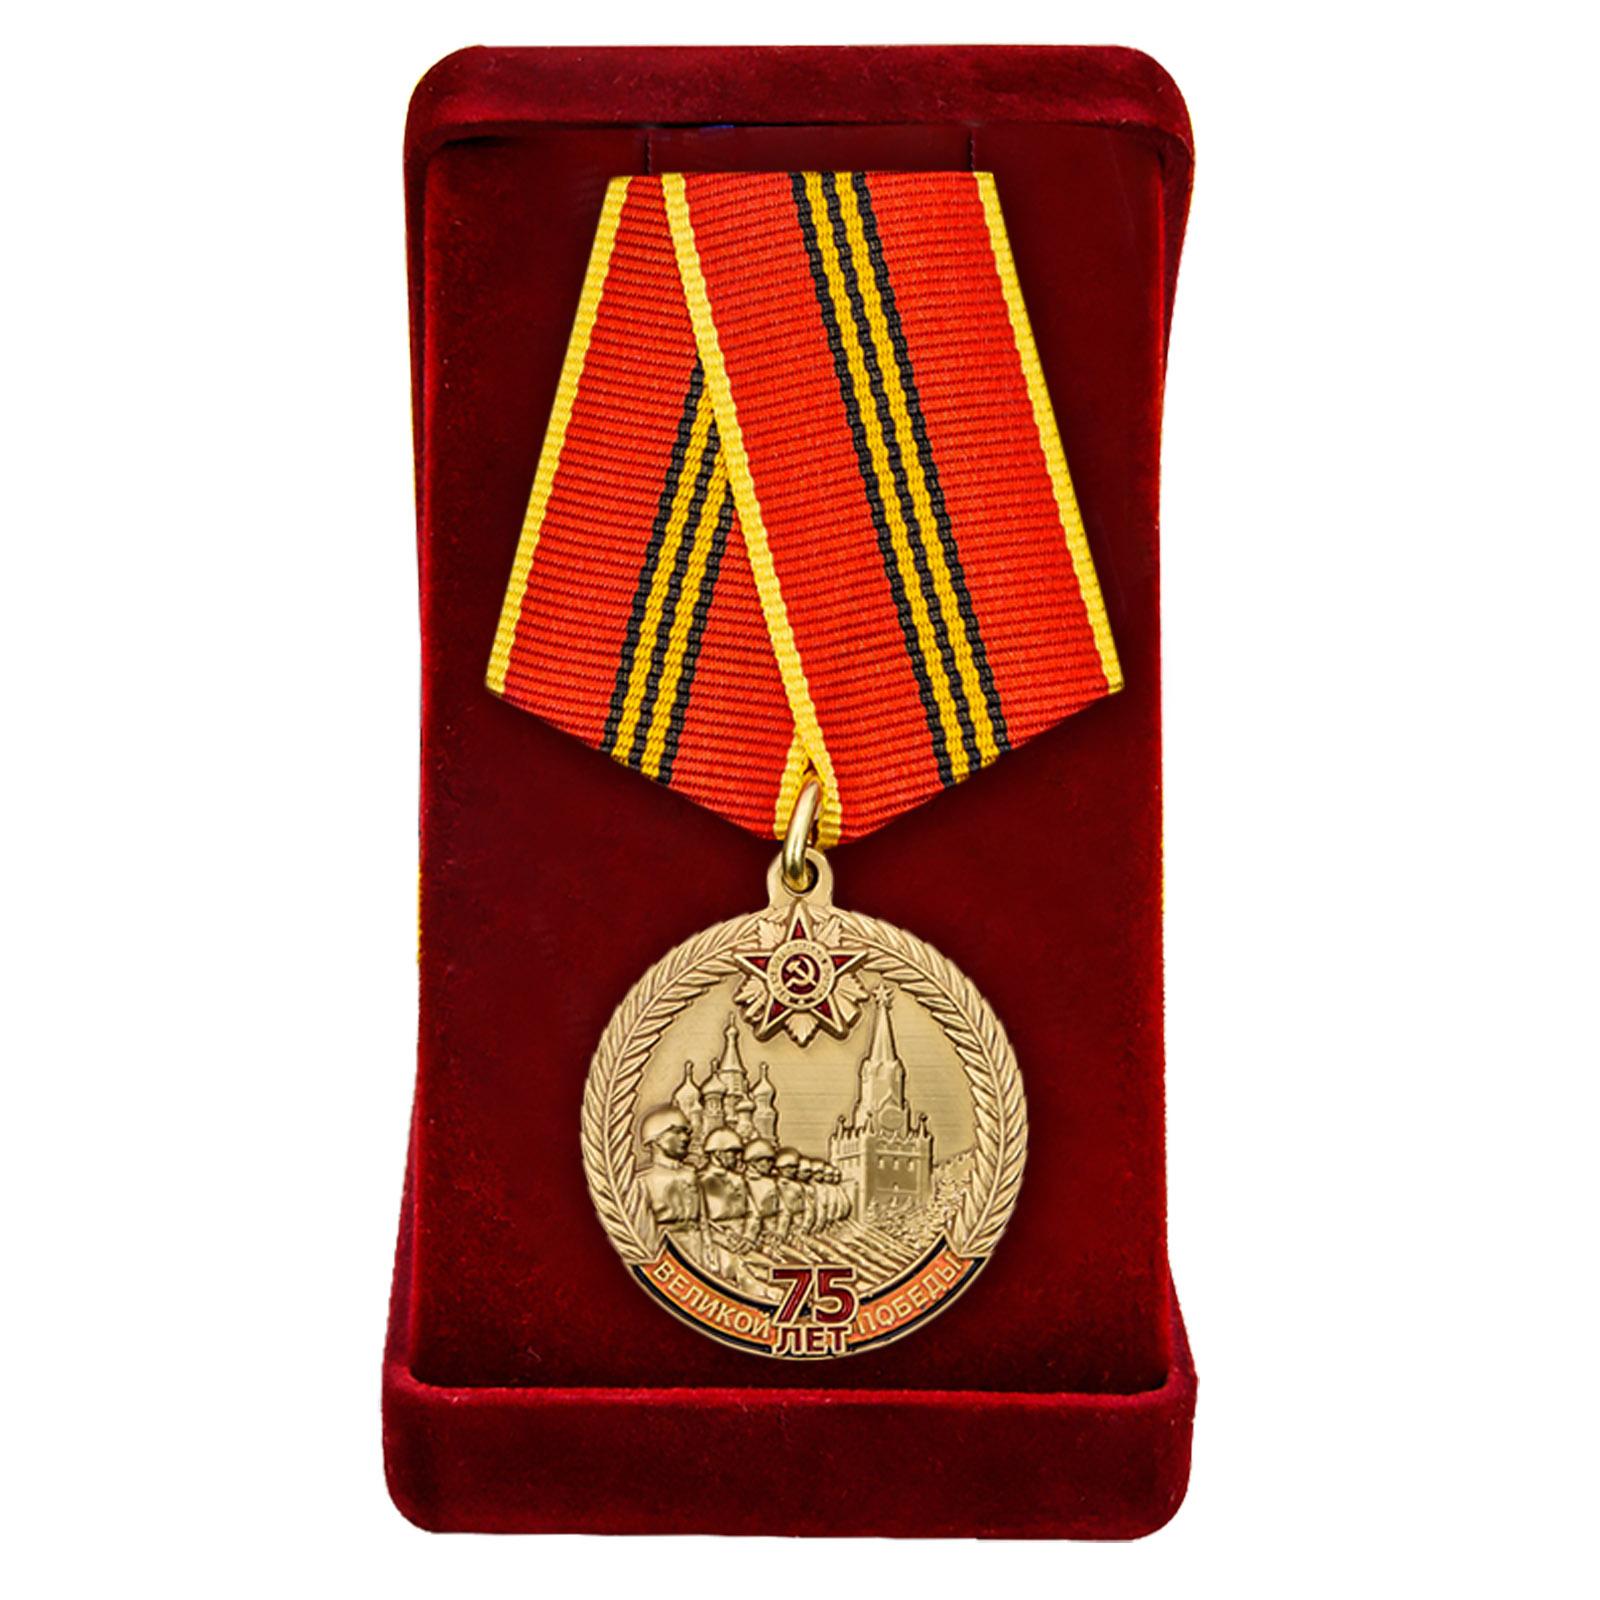 Купить памятную медаль 75 лет Великой Победы онлайн выгодно